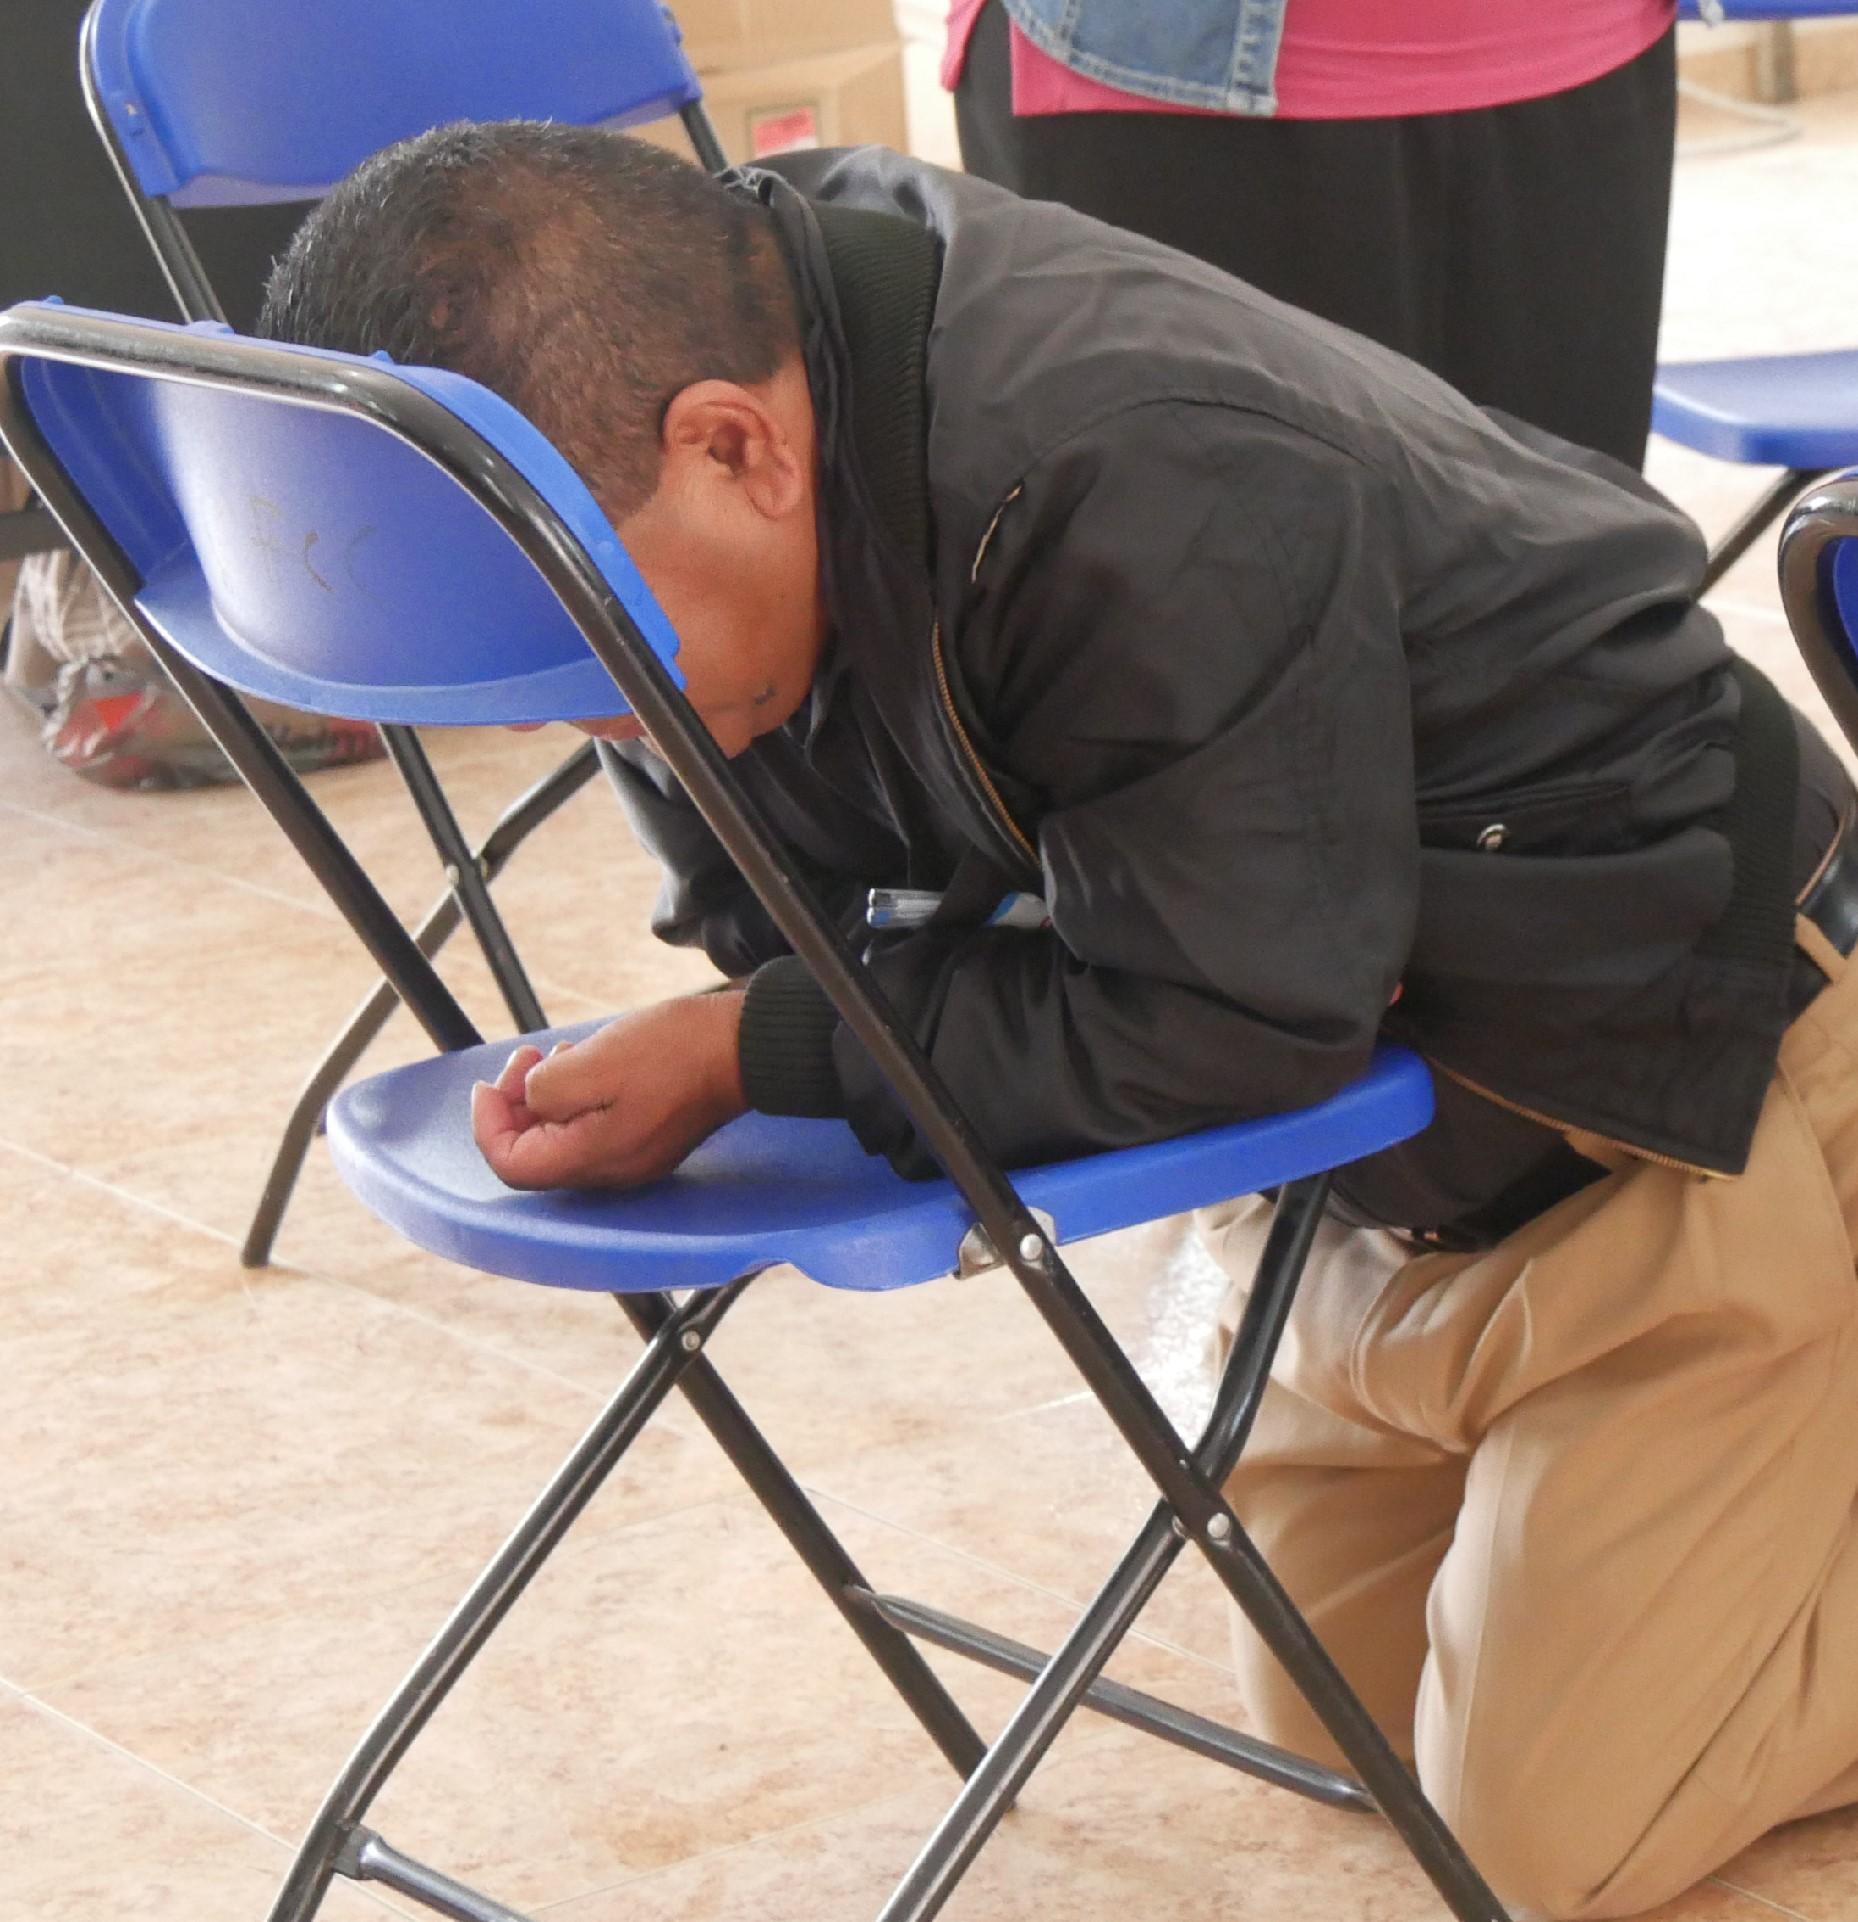 man kneeling praying.jpg